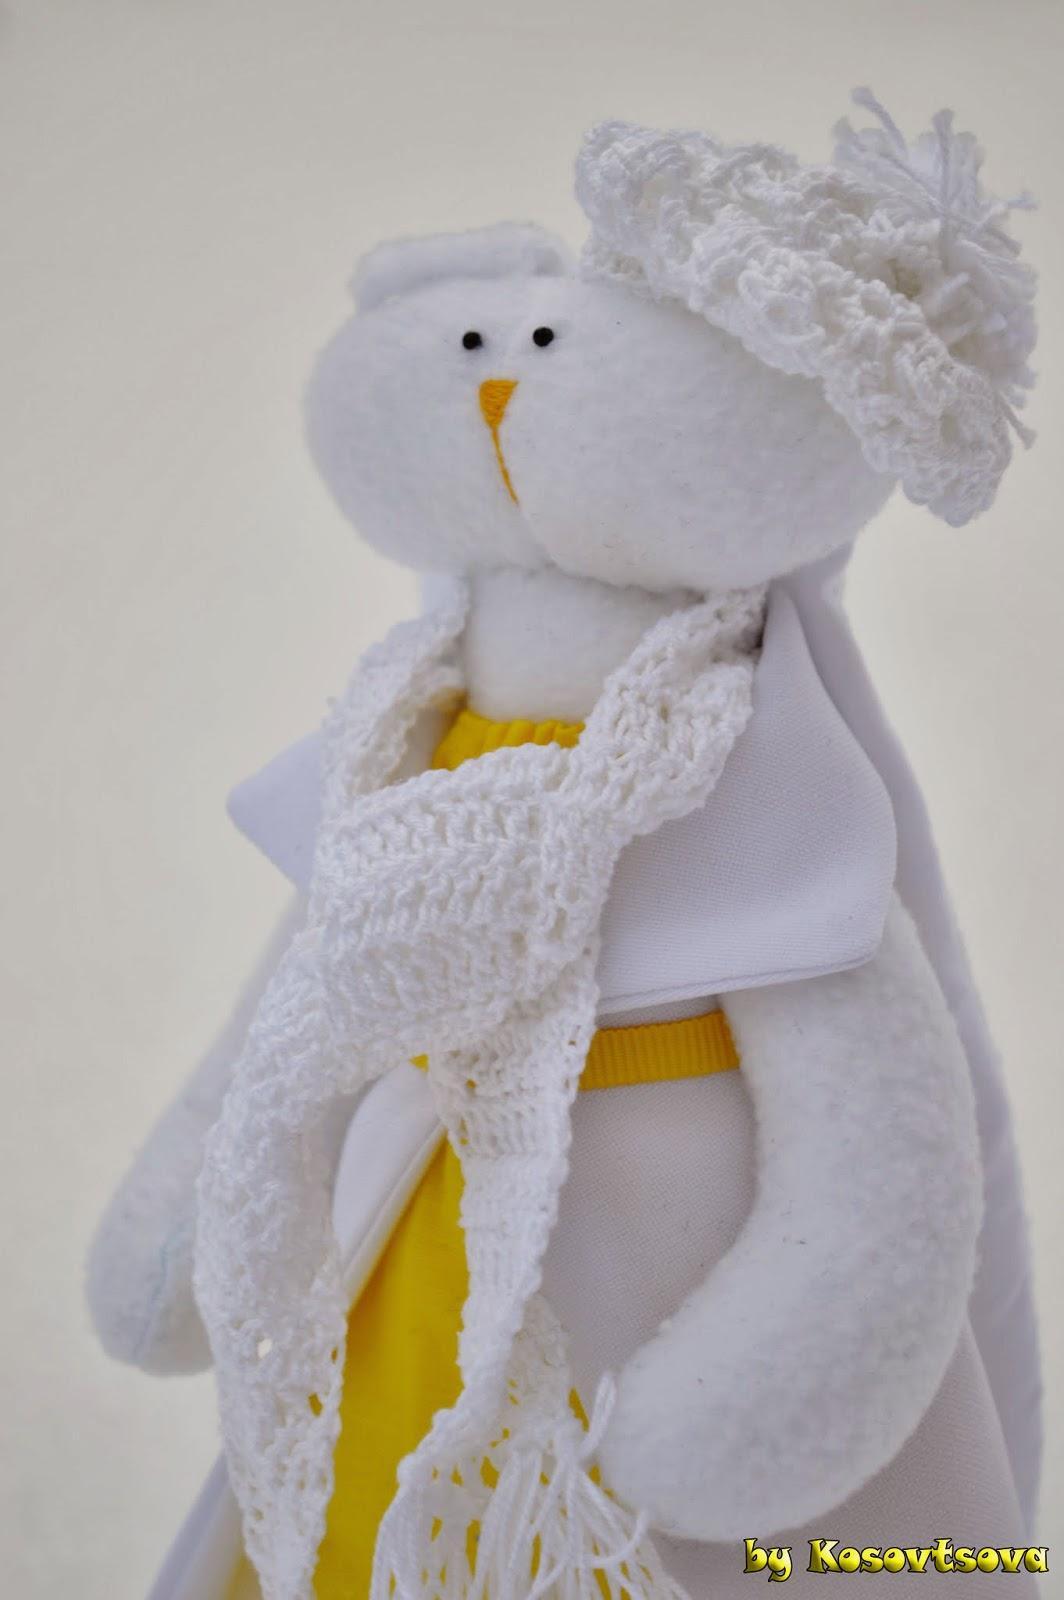 игрушки купить киев, ручная работа Киев, авторские зайцы, зайчики, авторские зайцы, подарок на день рождения